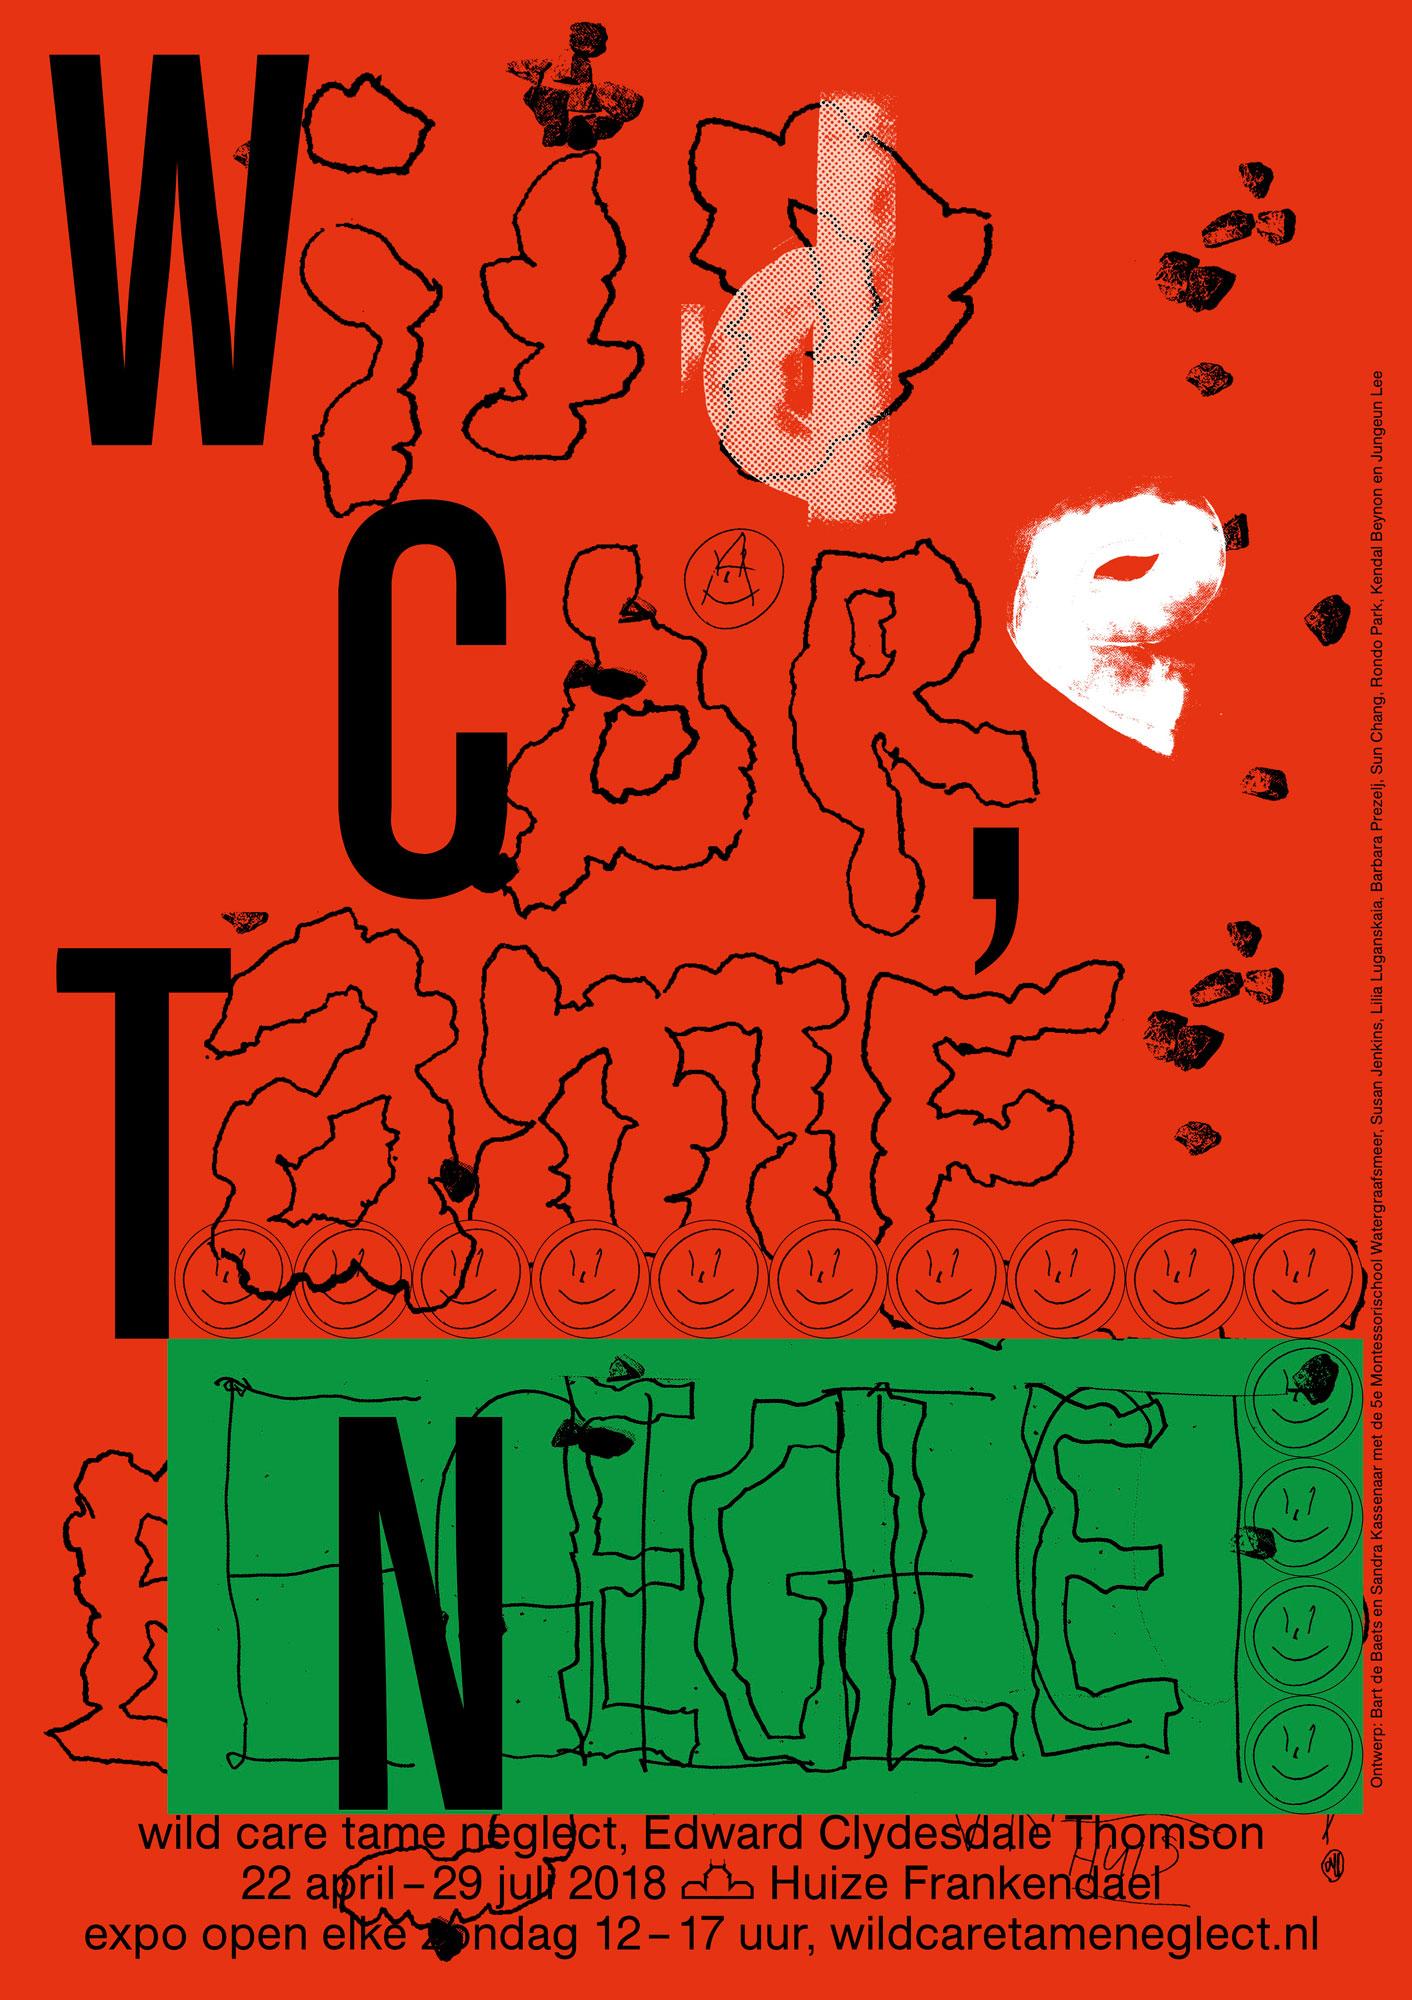 wild care tame neglect - exhibition